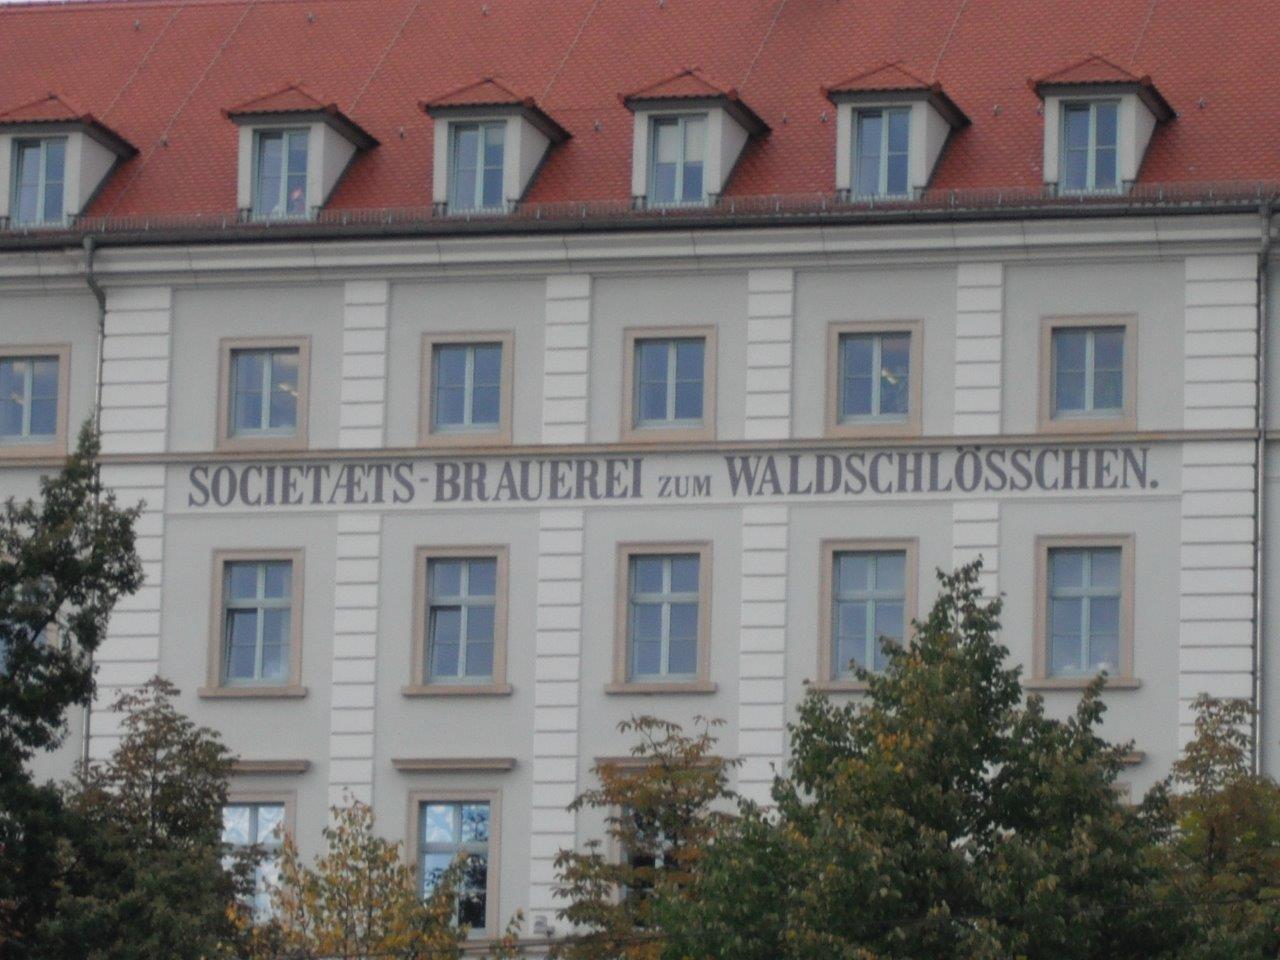 Societaets-Brauerei zum Waldschlösschen